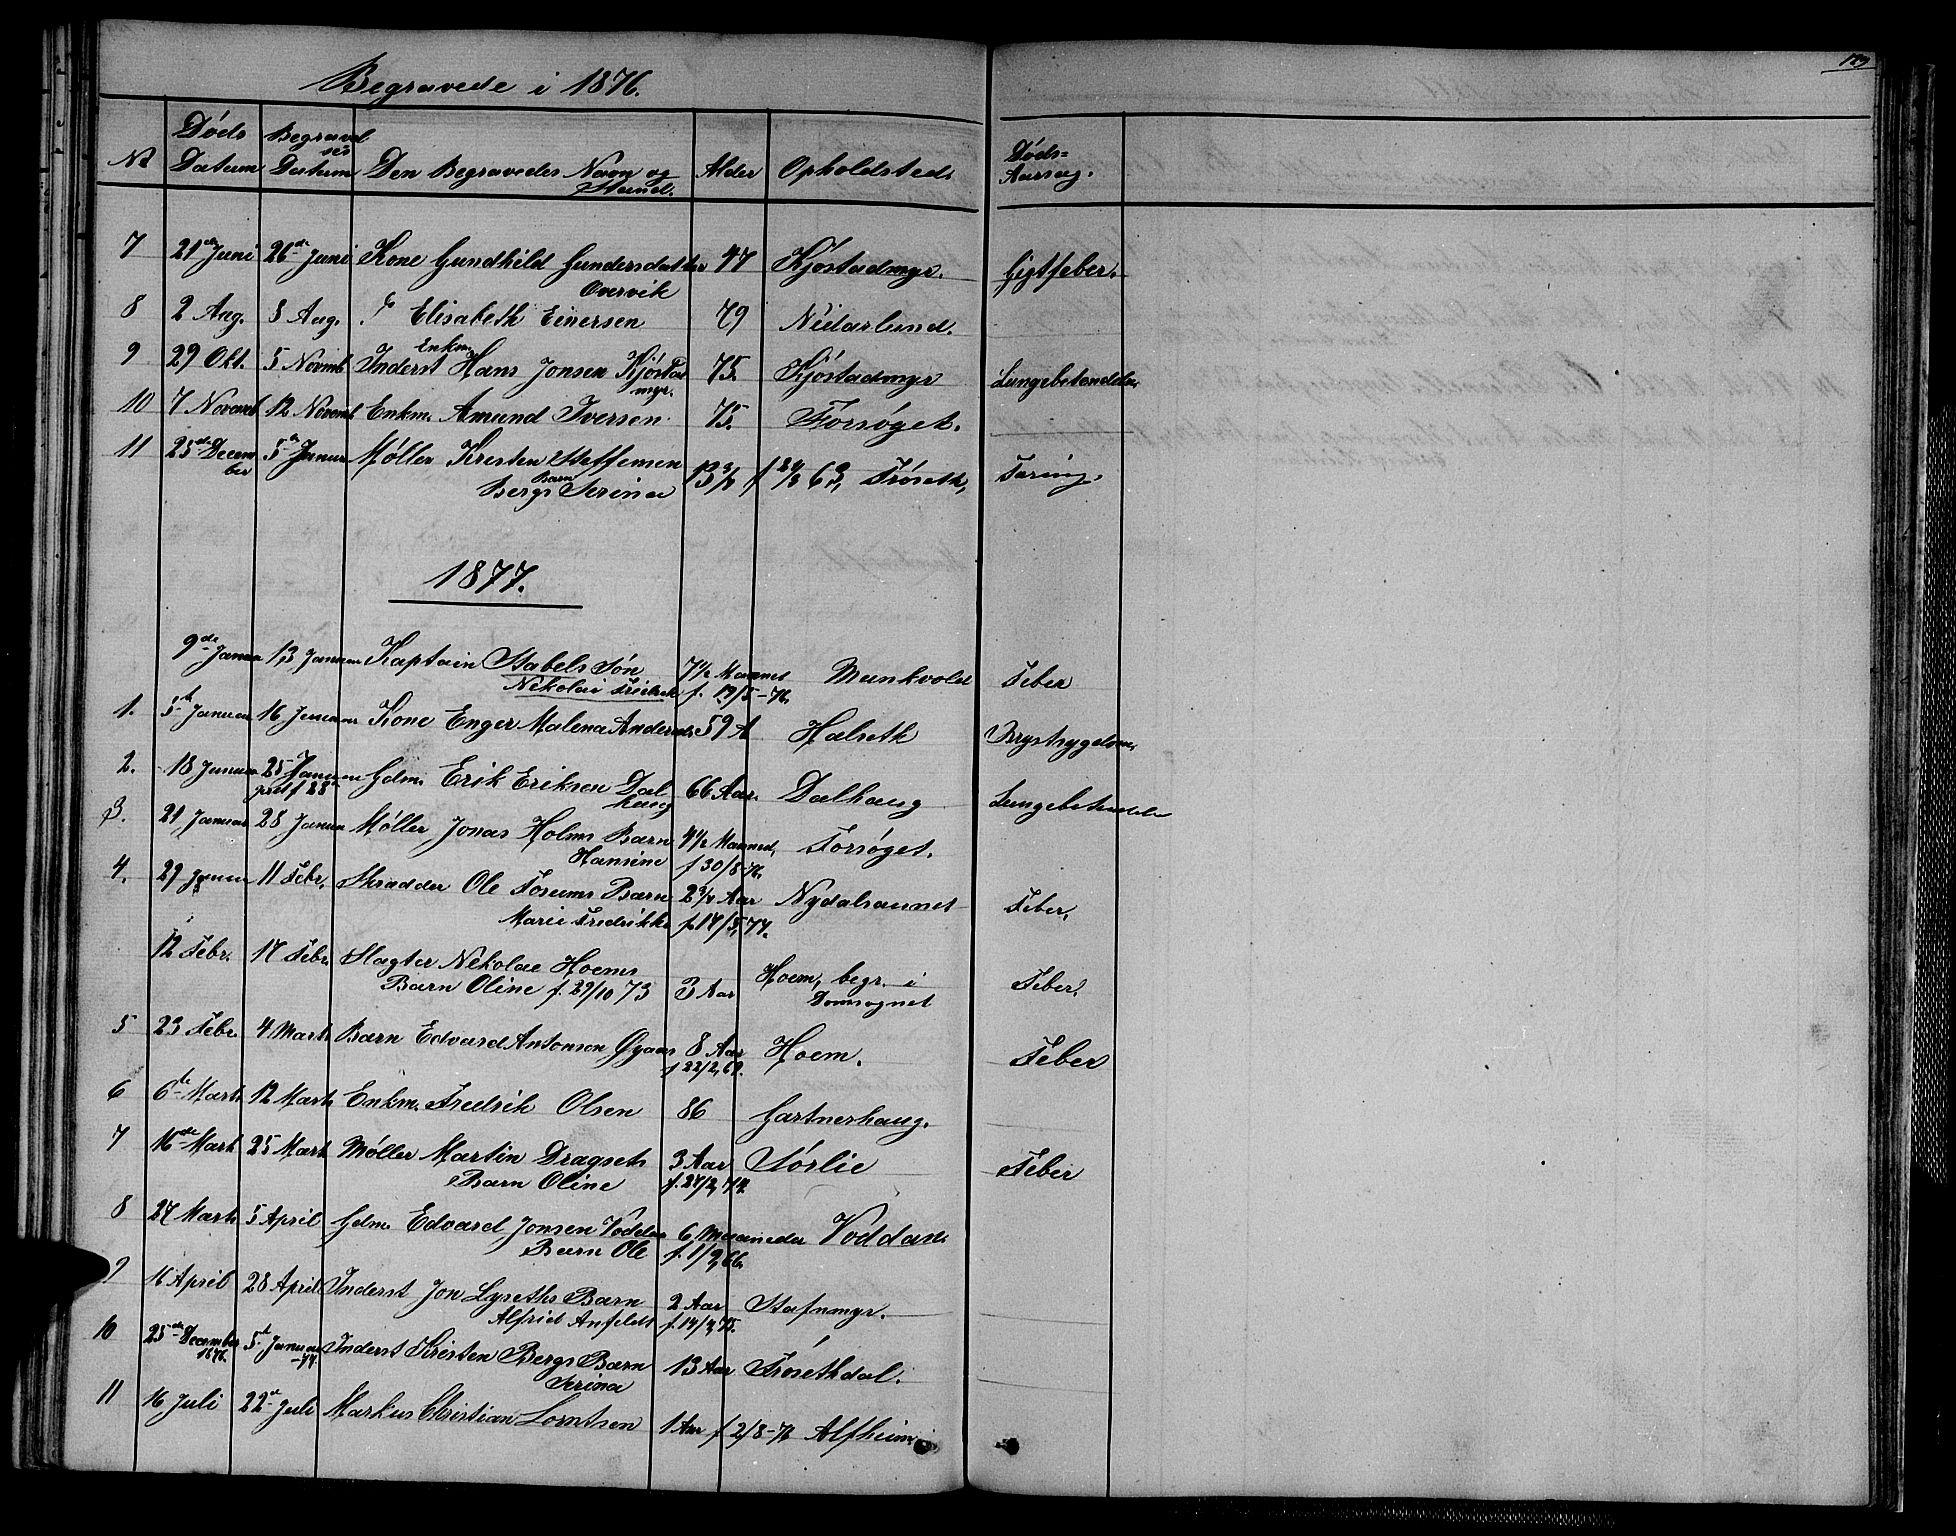 SAT, Ministerialprotokoller, klokkerbøker og fødselsregistre - Sør-Trøndelag, 611/L0353: Klokkerbok nr. 611C01, 1854-1881, s. 129